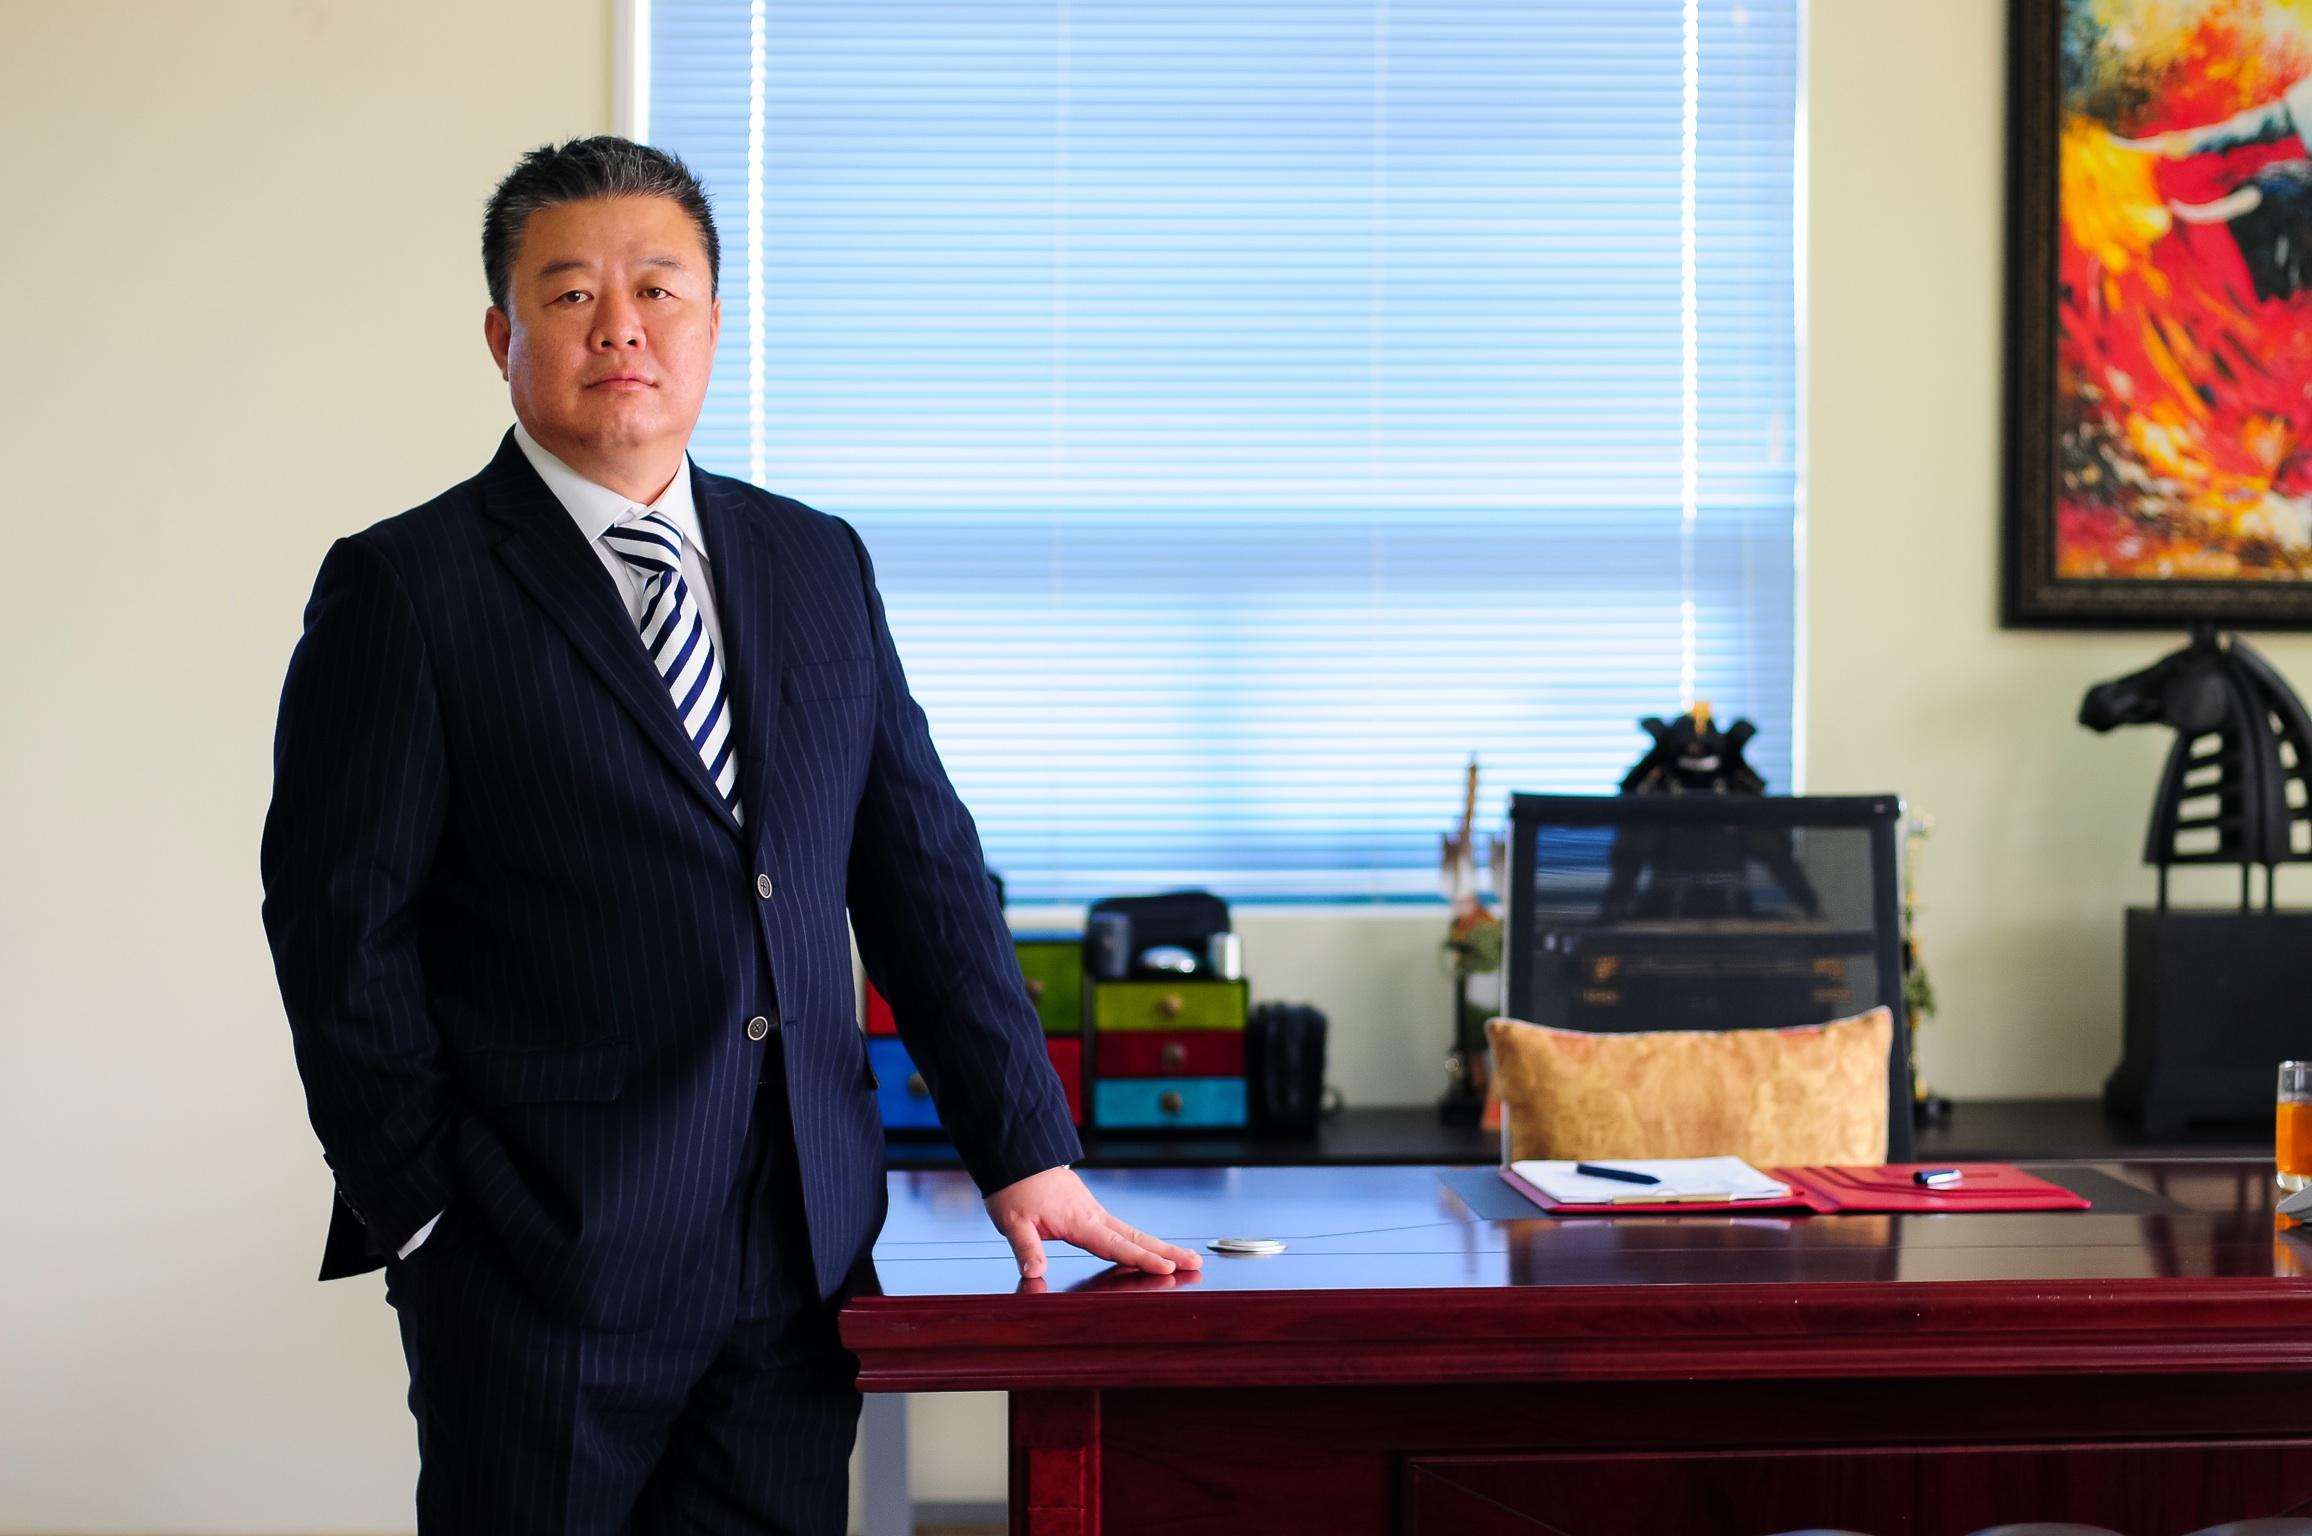 베트남 종편채널 사업권을 따낸 BHT아시아 미디어 윤한섭회장이 12일 LA집무실에서 포즈를 취하고 있다.